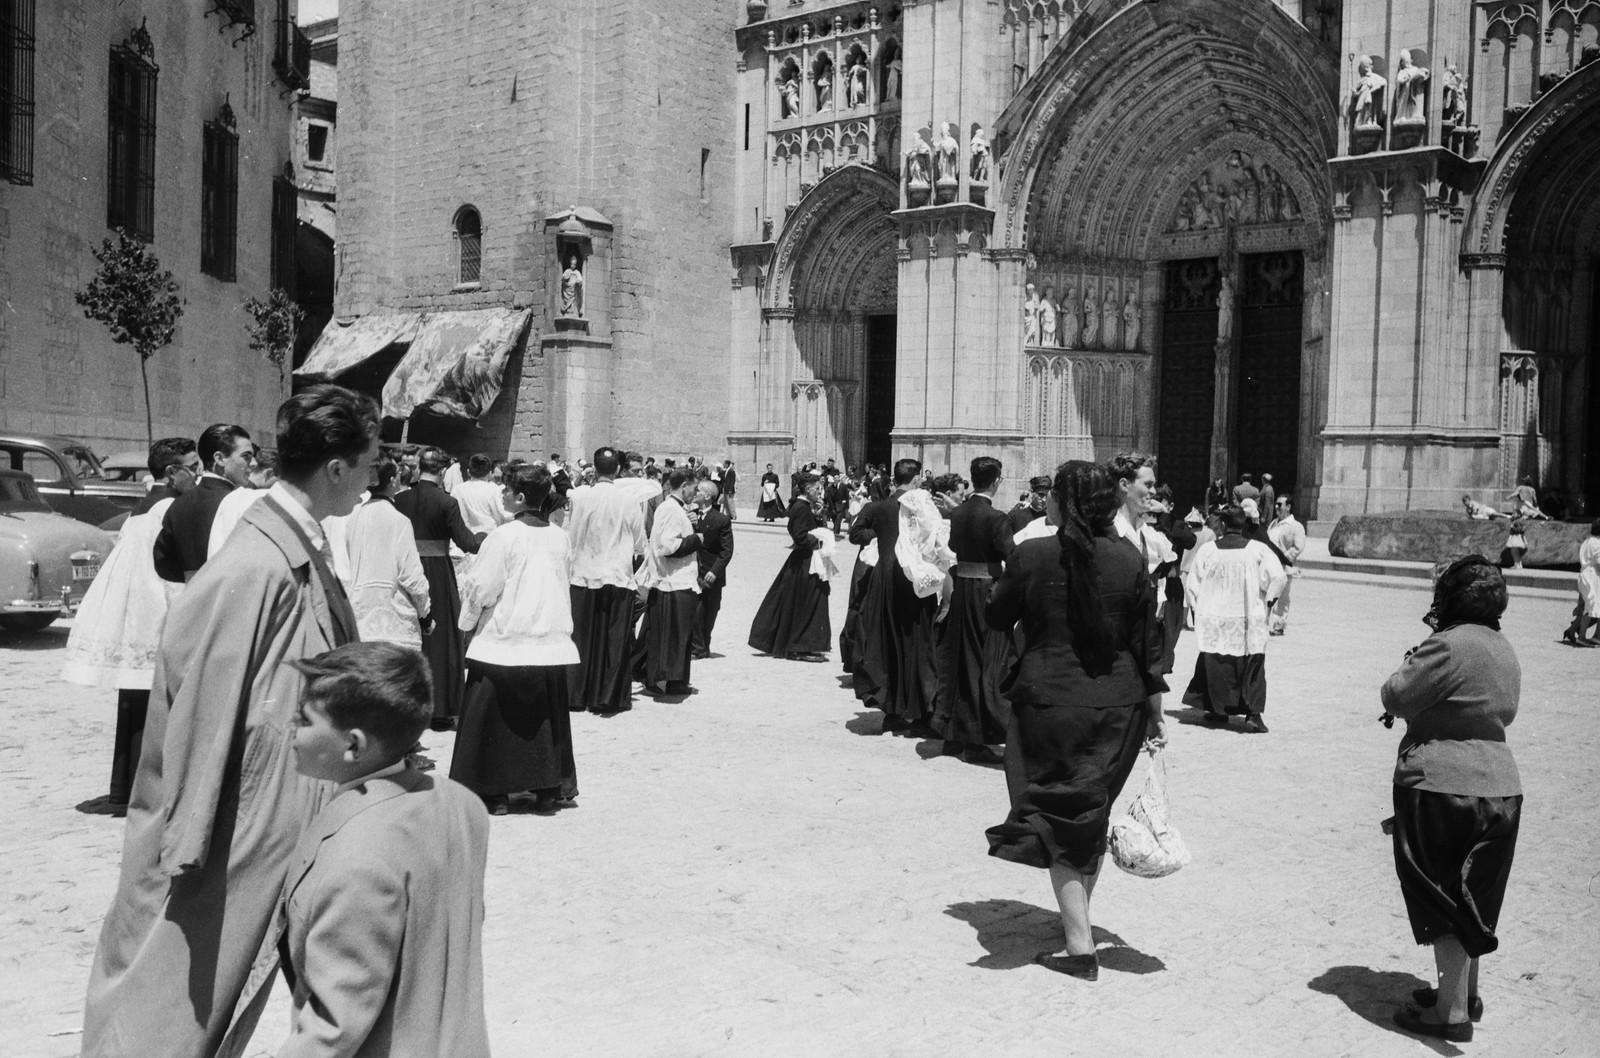 Plaza del Ayuntamiento durante las fiestas del Corpus Christi de Toledo en 1955 © ETH-Bibliothek Zurich